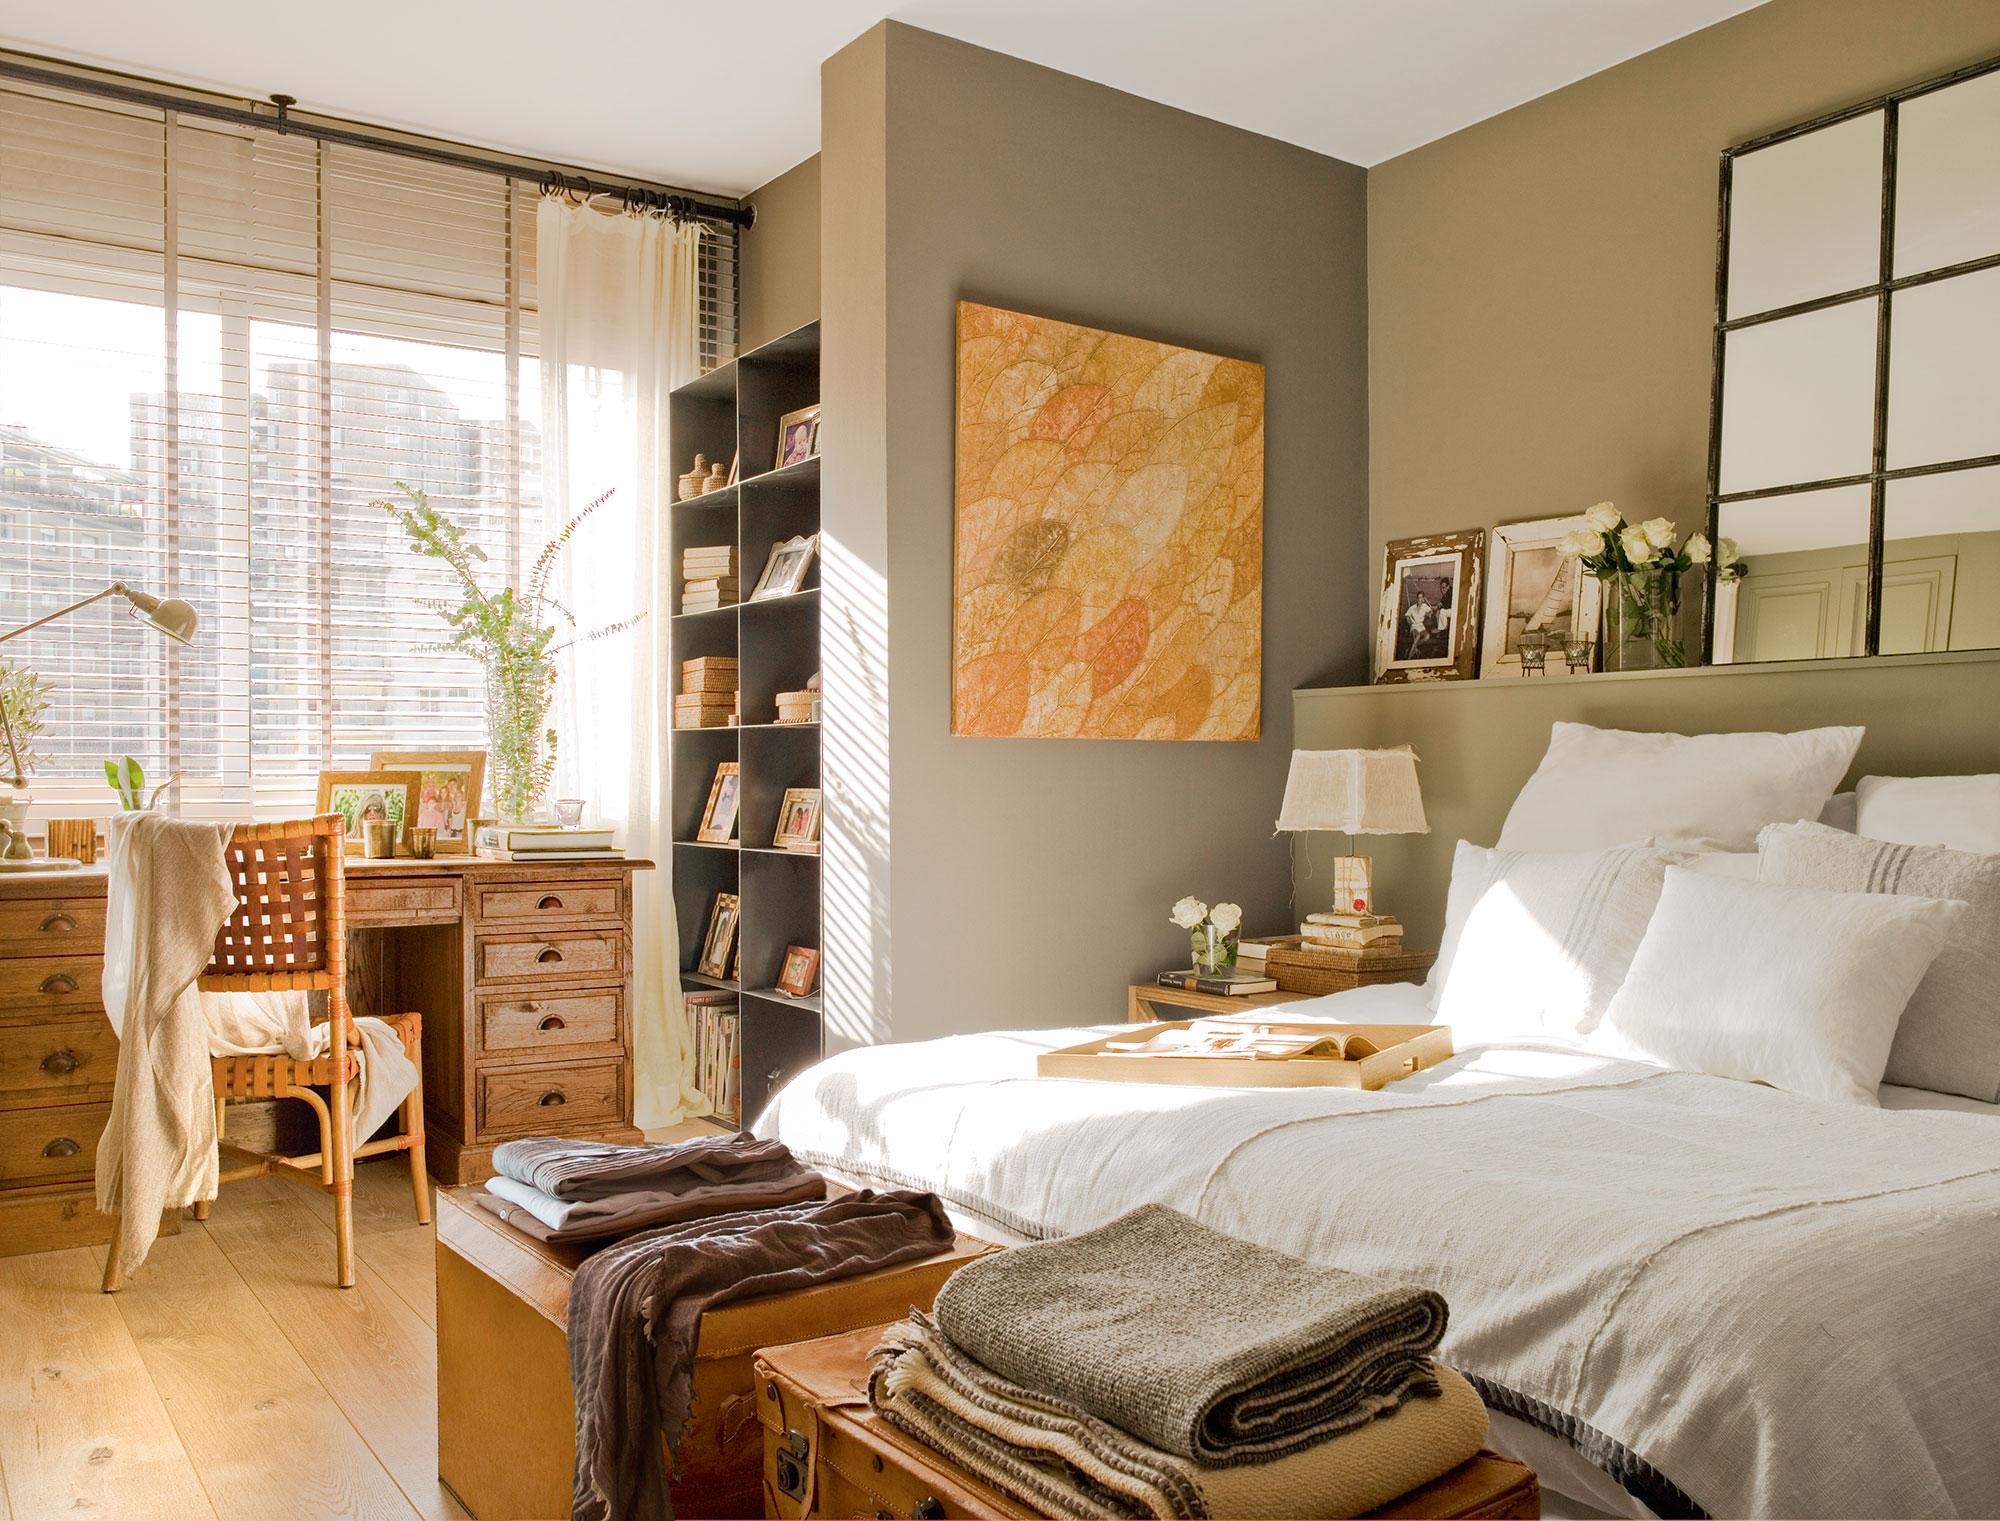 Librer as 15 buenas ideas para guardar y tener en orden - Dormitorio beige ...